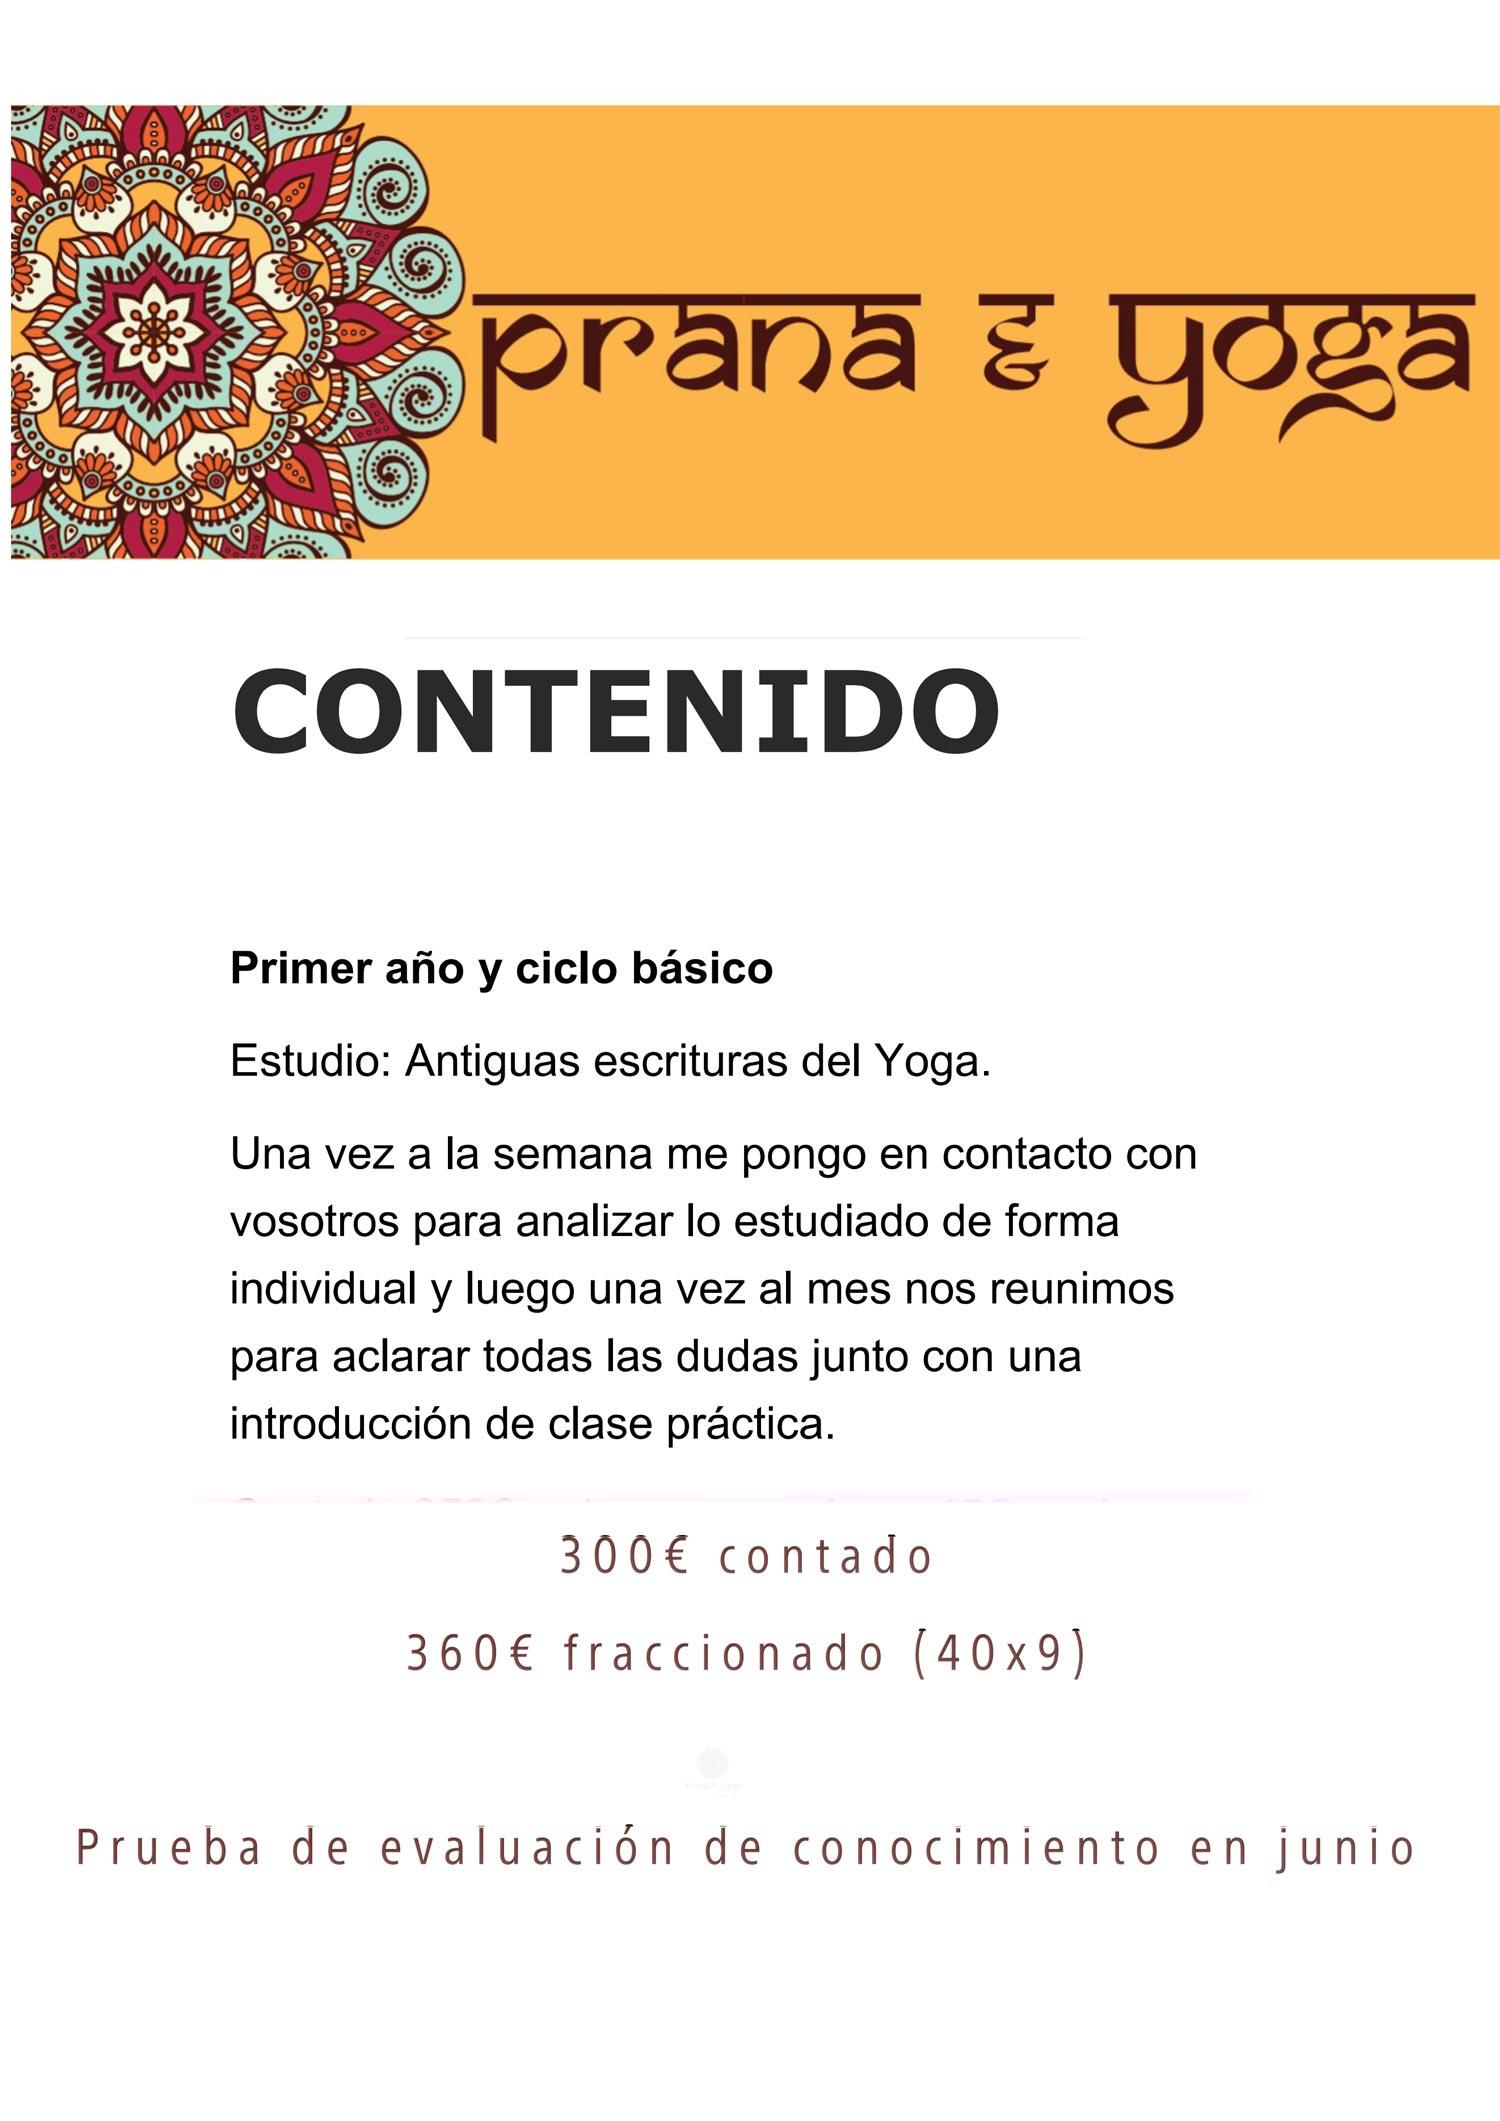 curso_formacion_yoga_2